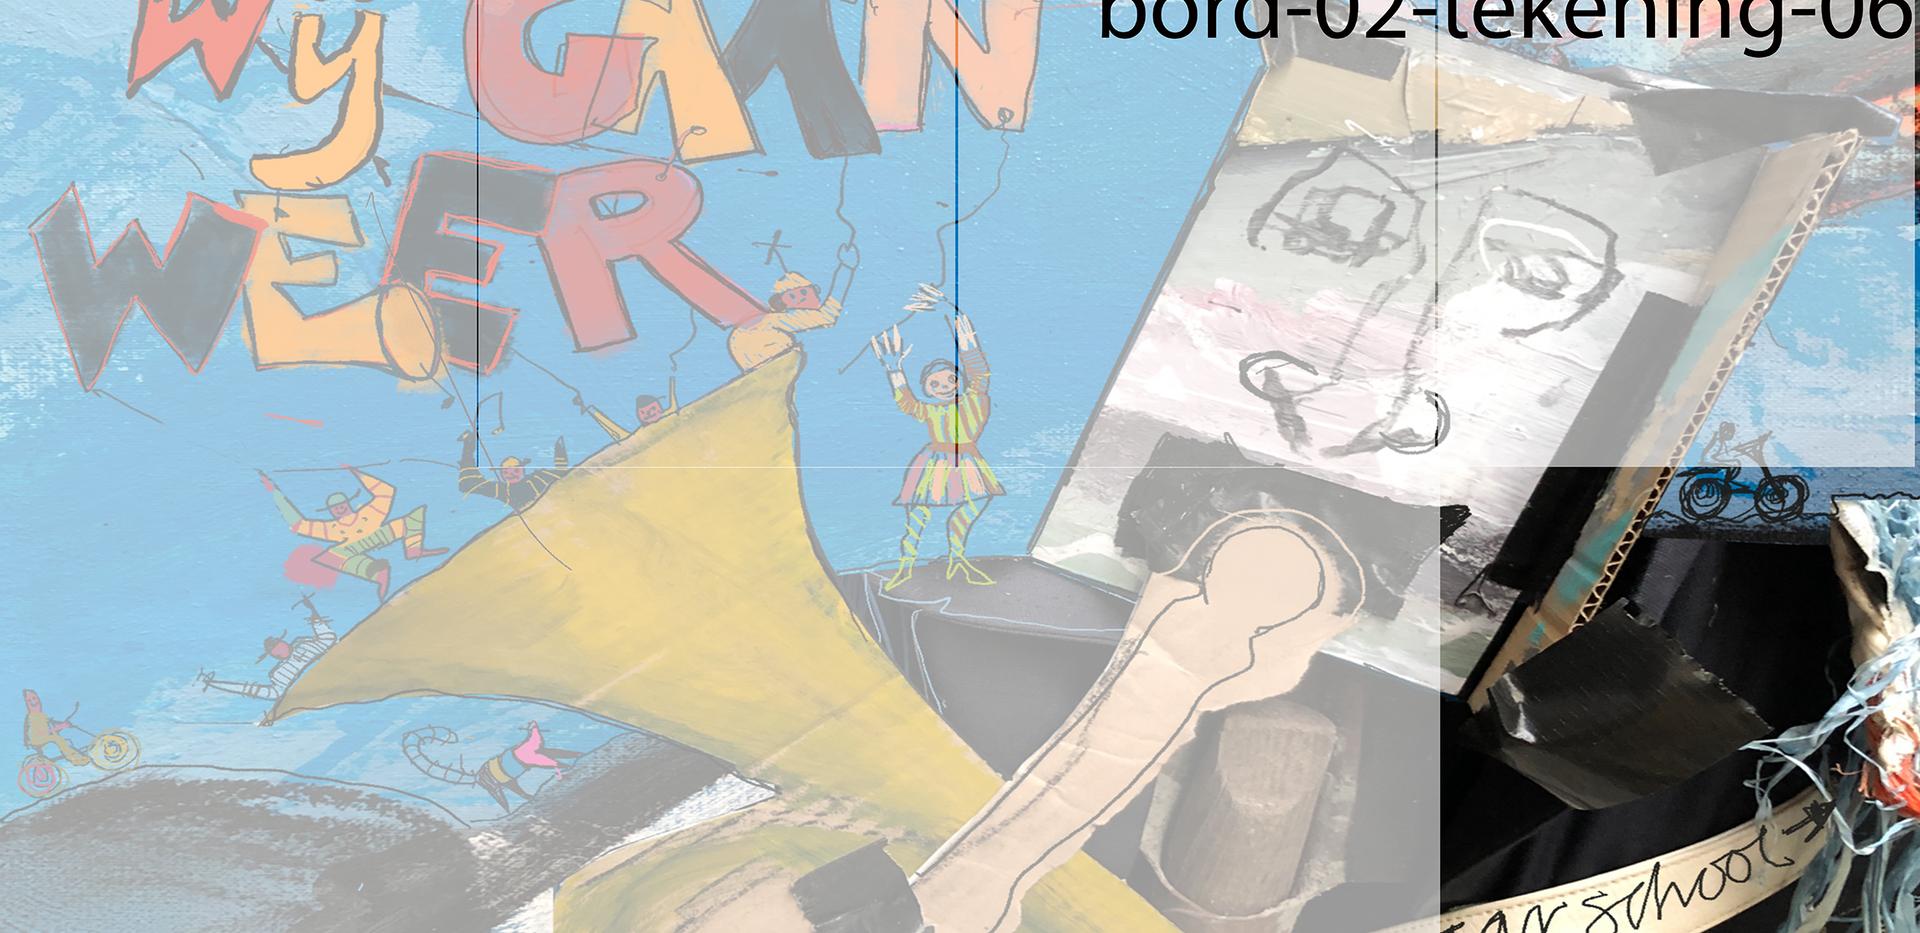 bord-02-tekening-08.png